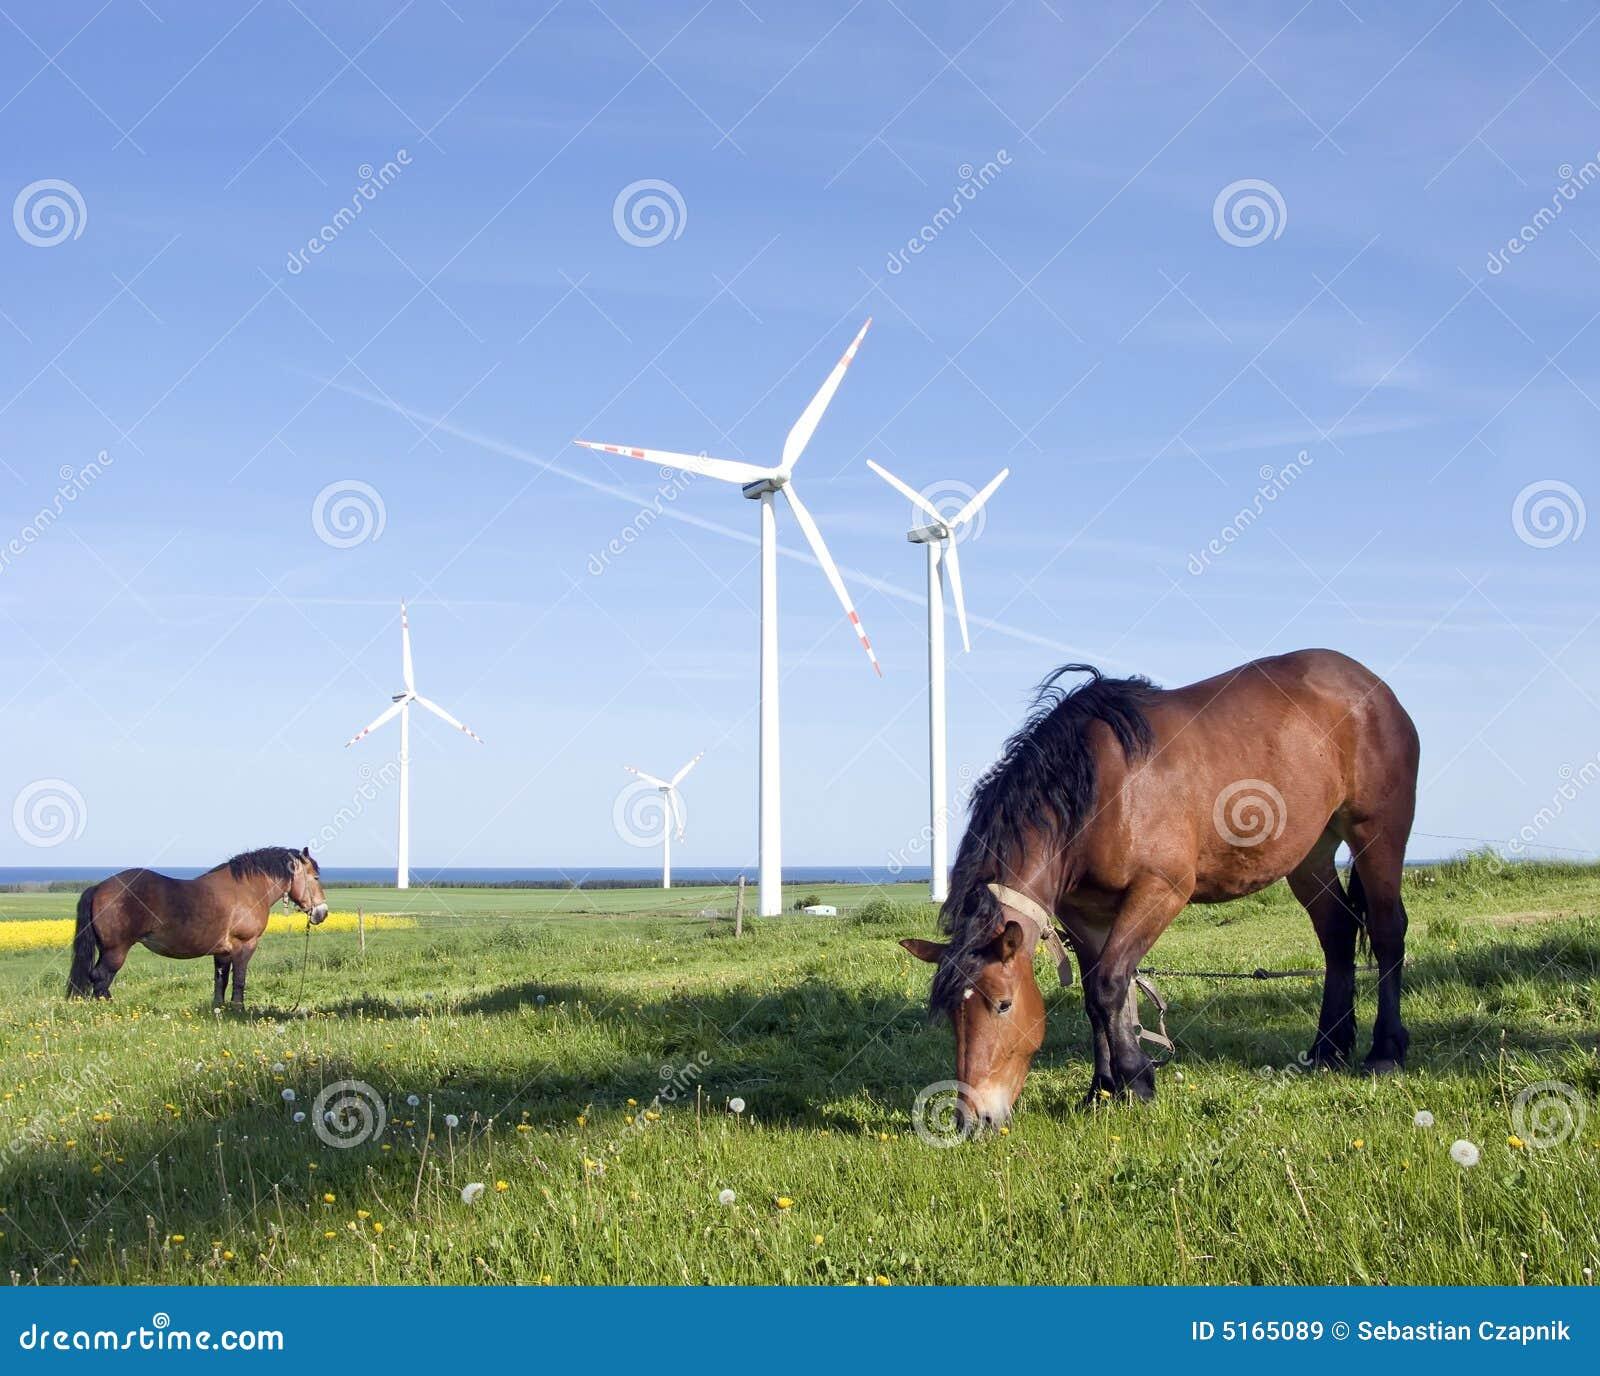 Koń turbiny wiatr